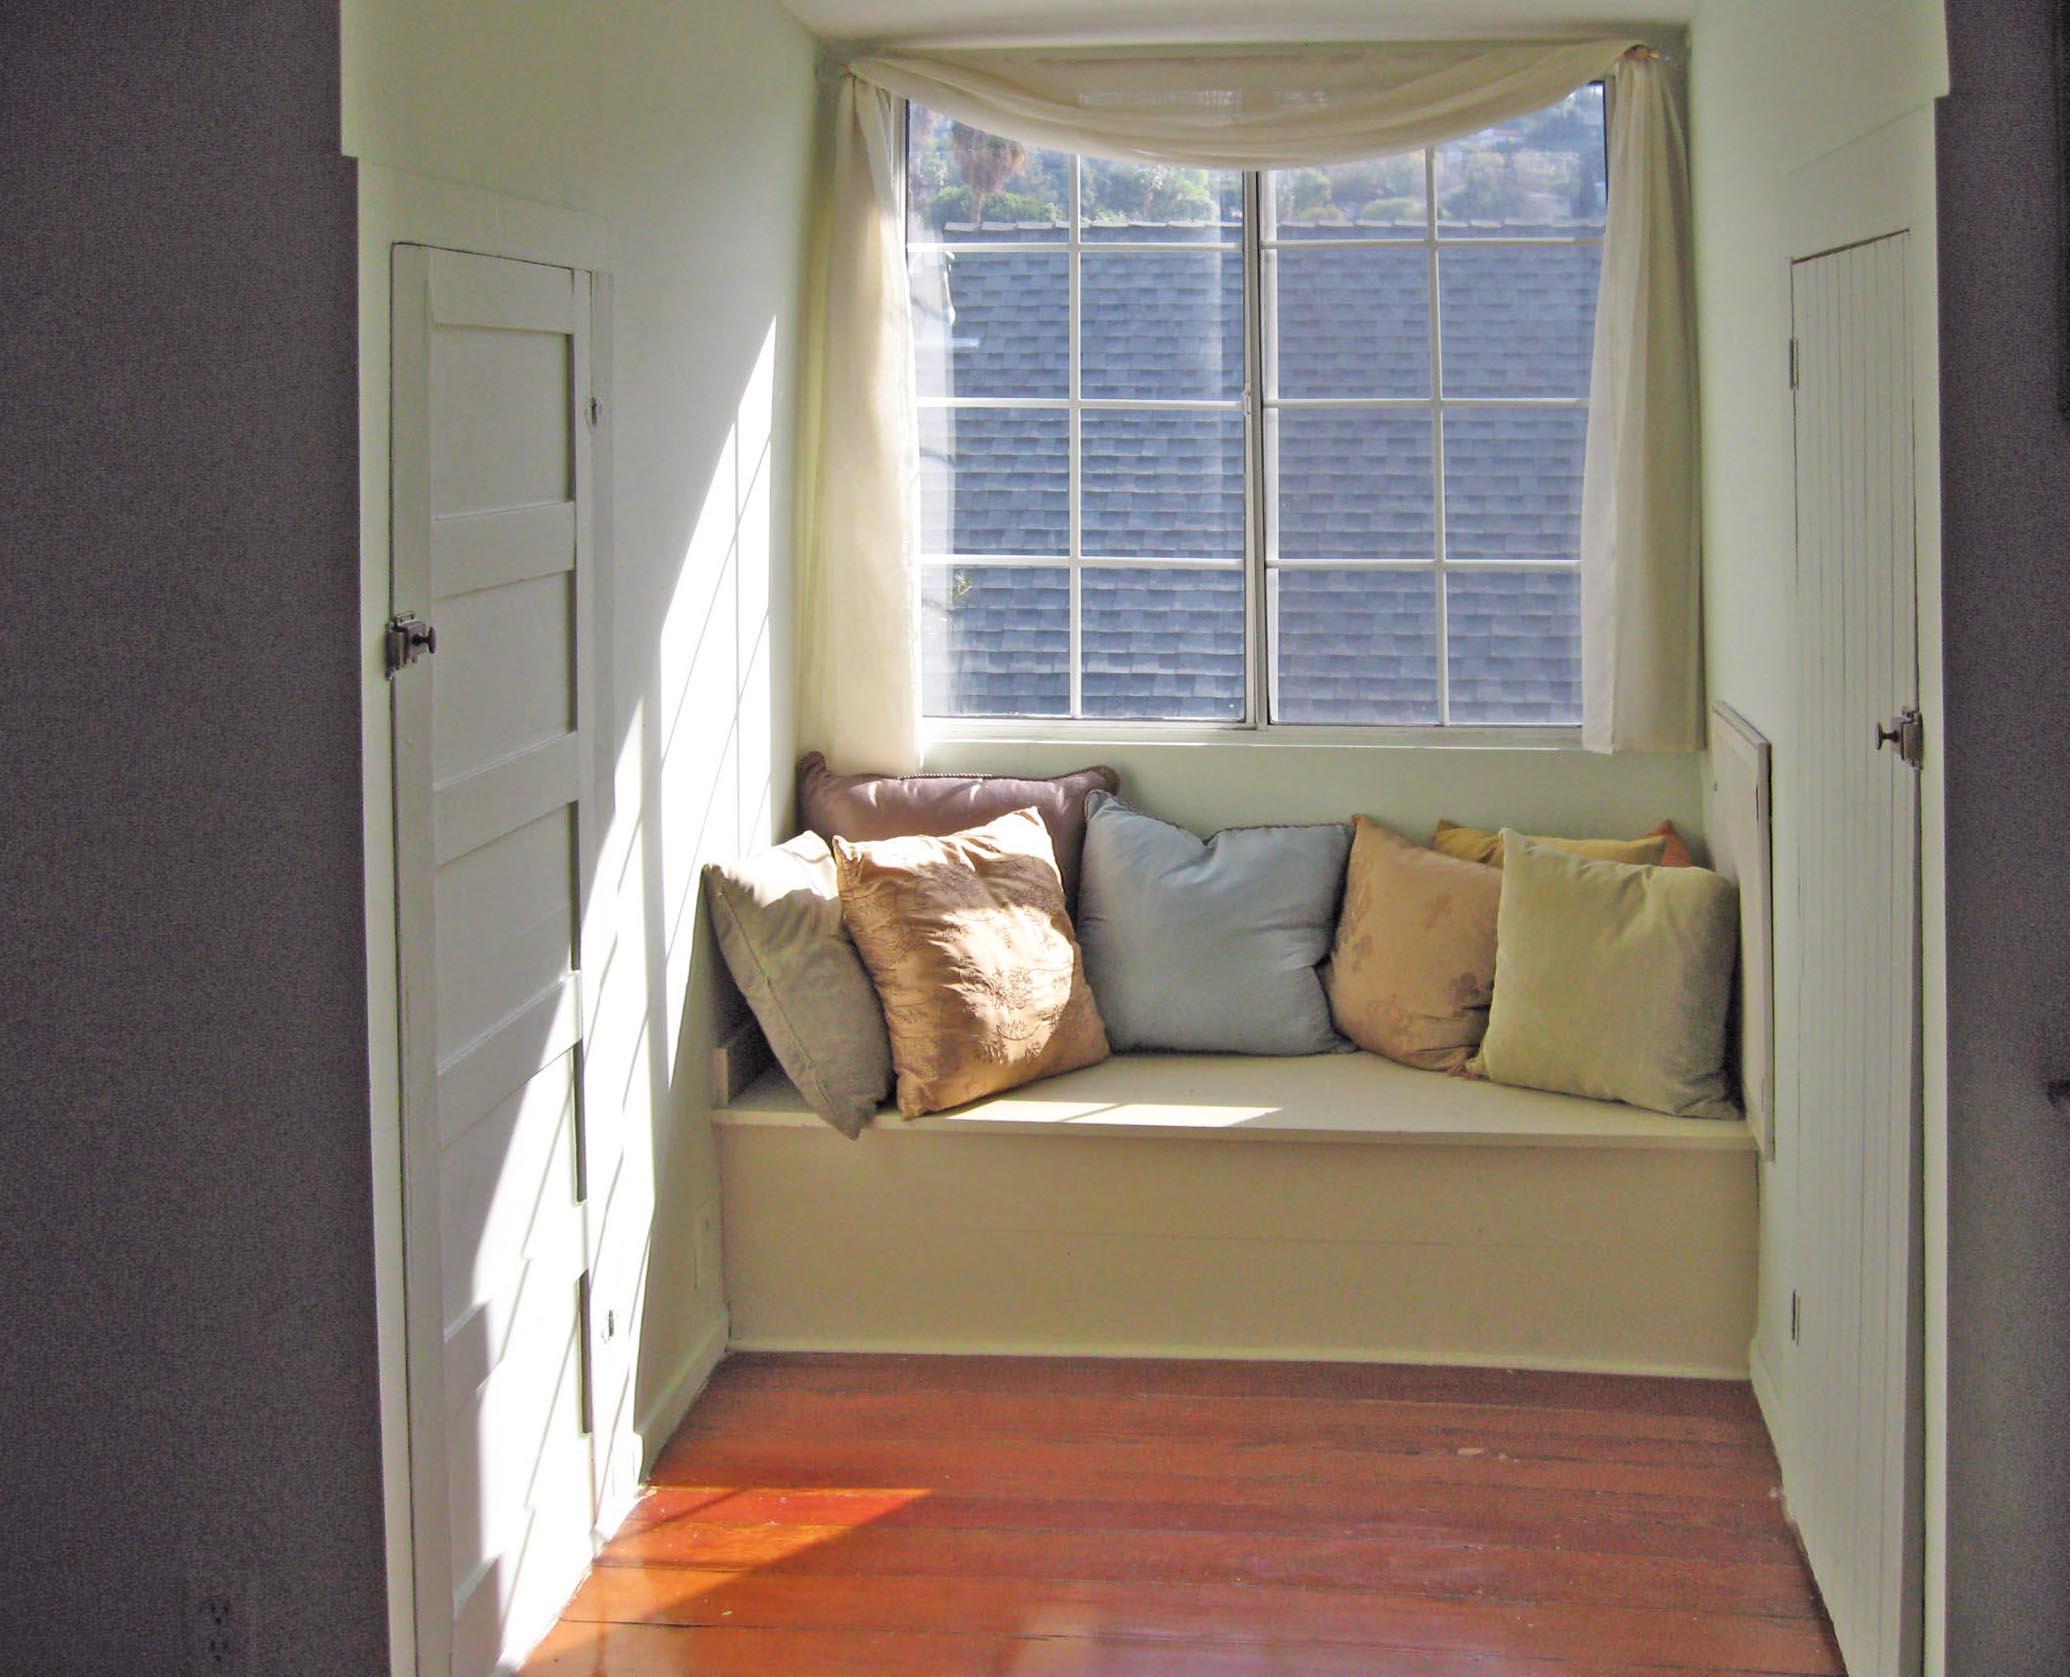 WindowSeat_Pillows.jpg